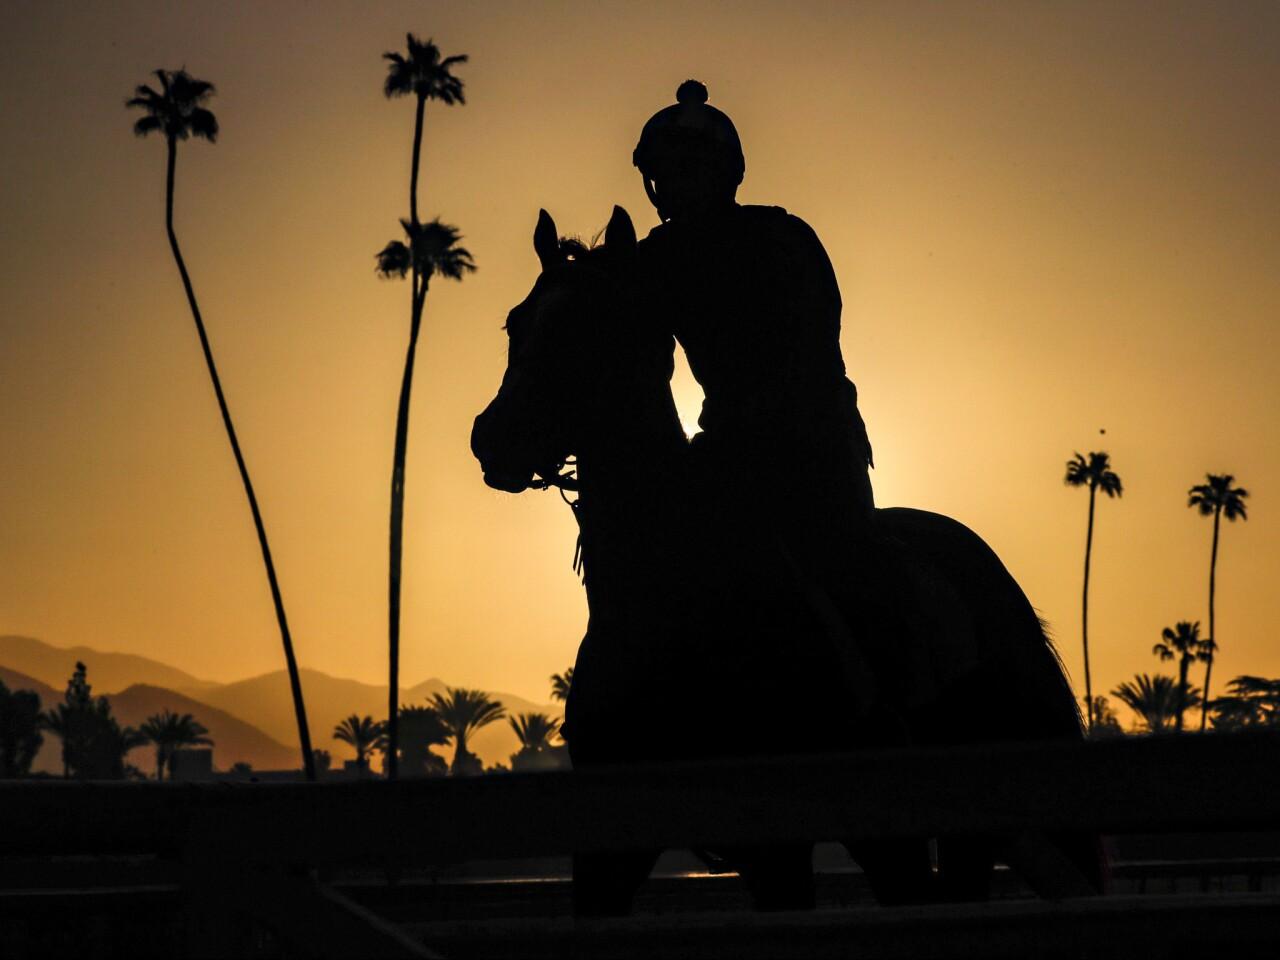 Horse racing resumes at Santa Anita